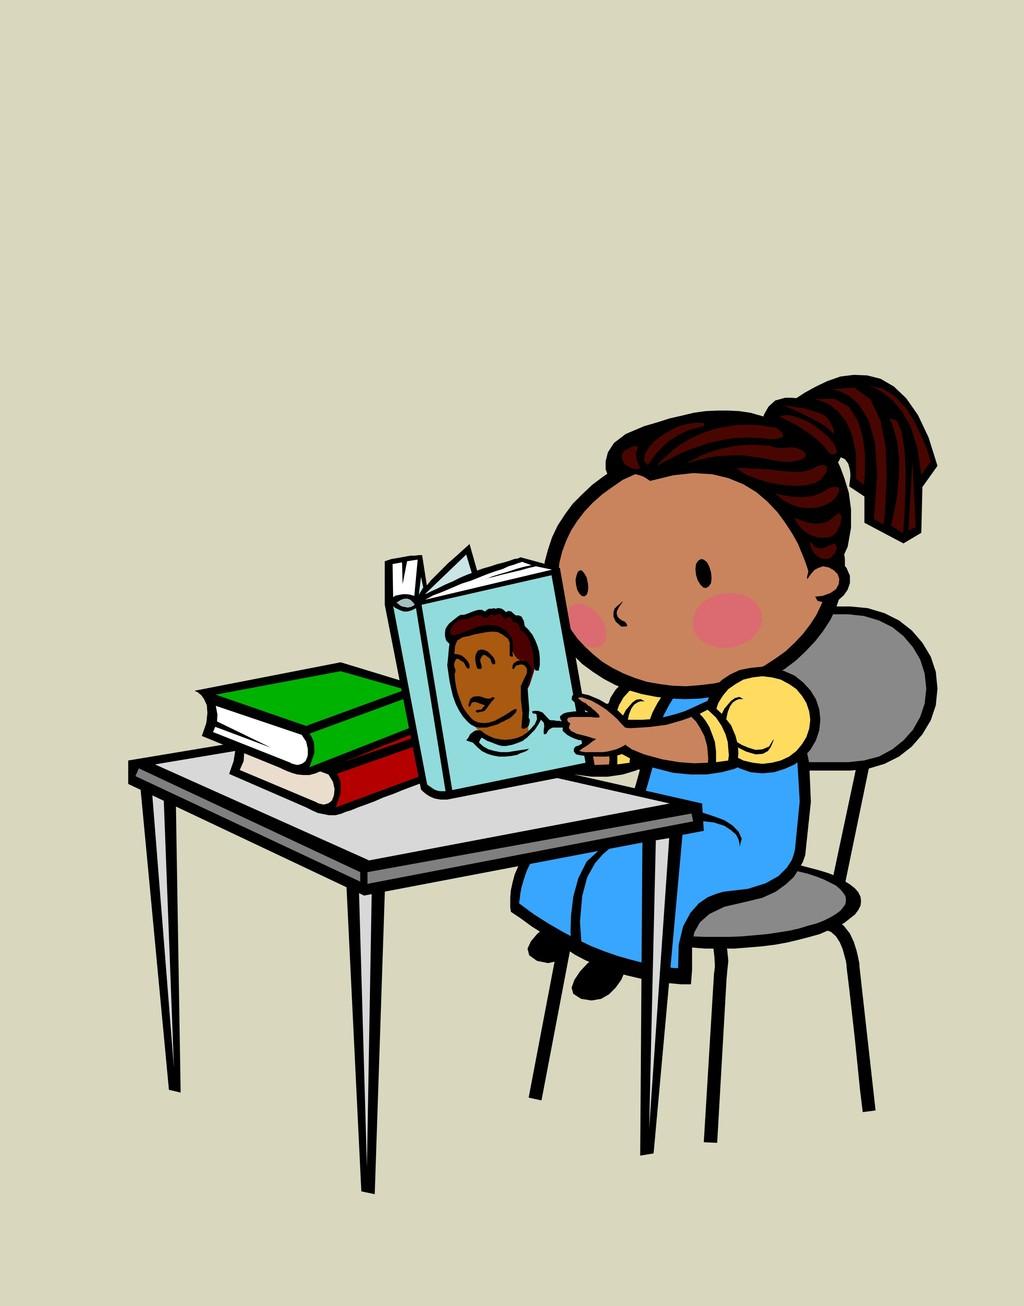 手绘卡通人物简笔插画儿童读书小女孩书籍